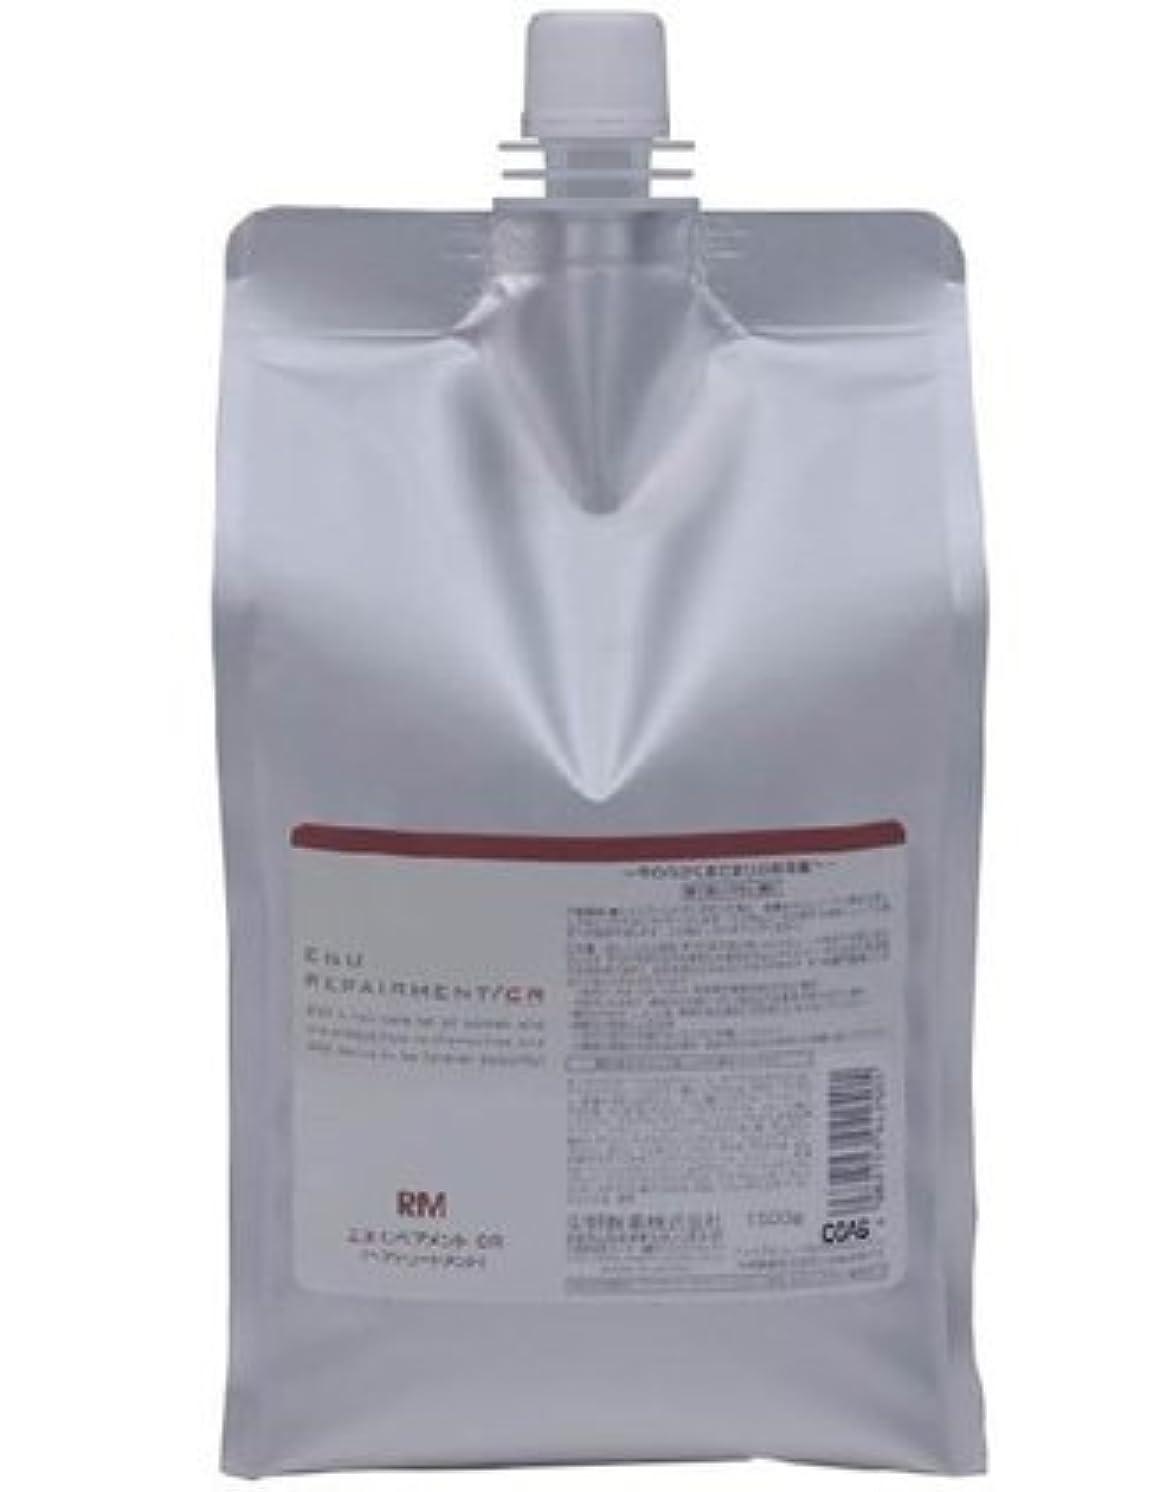 関与する池コットン中野製薬 ENU エヌ リペアメント CR 1500g レフィル 詰替え用